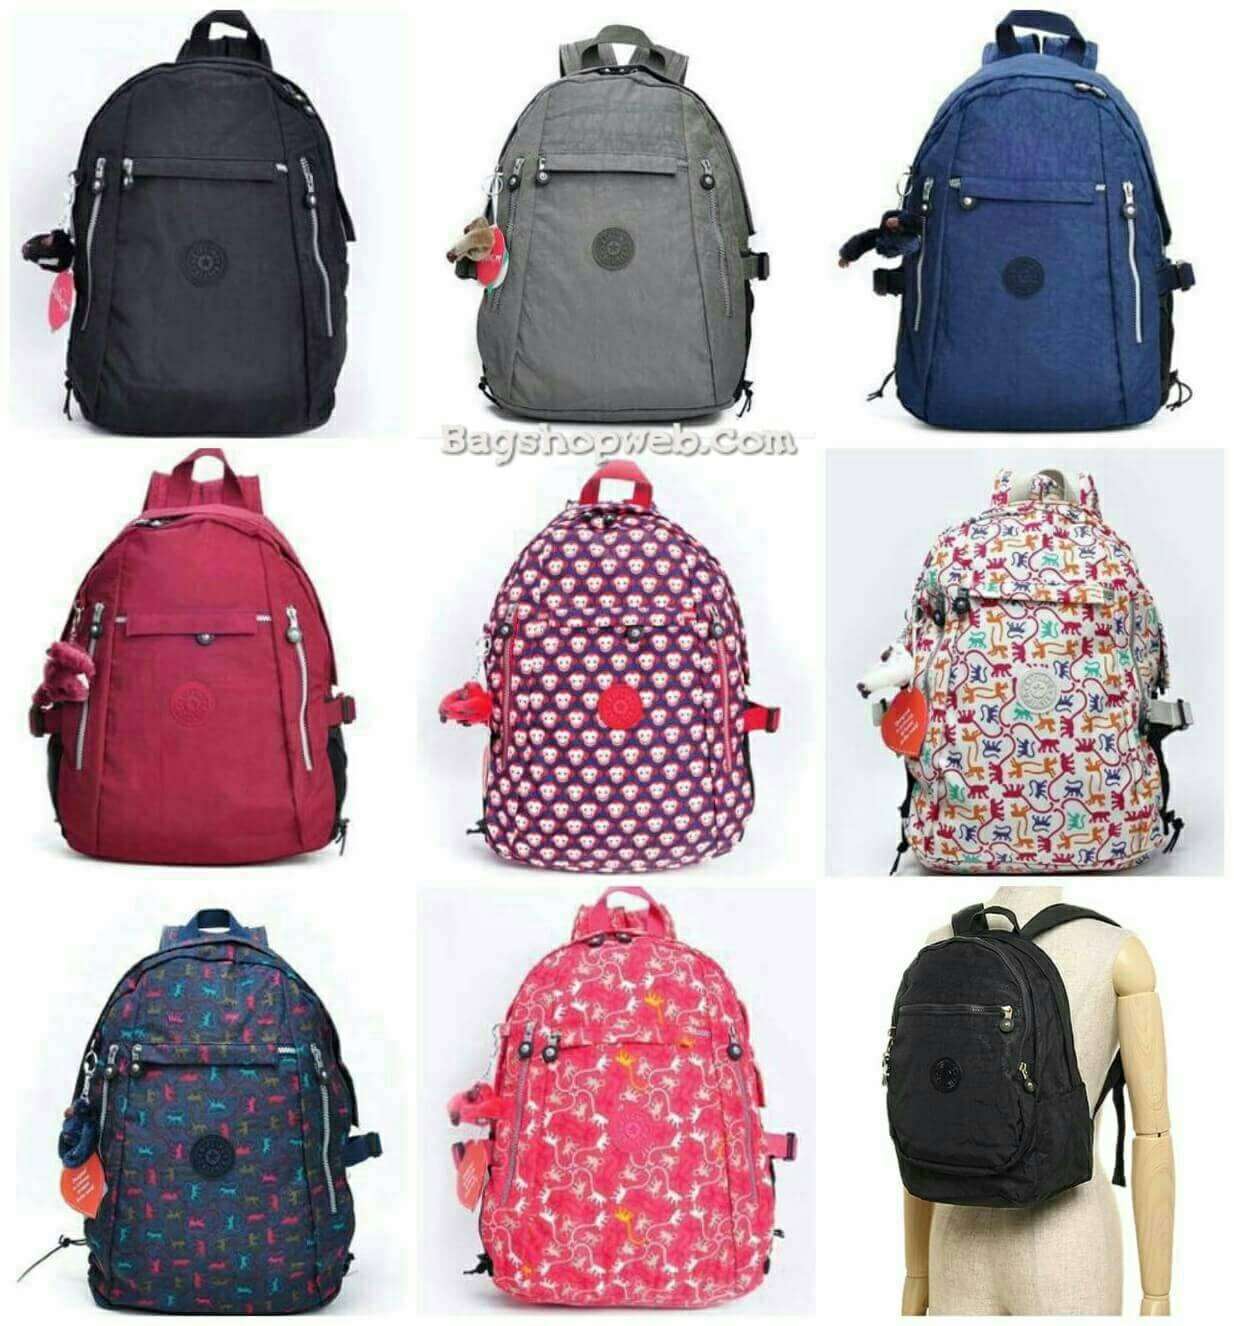 กระเป๋าเป้ KIPLING NYLON CLASSIC BACKPACK กระเป๋าสะพายเป้ใบใหญ่สไตล์ลำลองวัสดุ Nylon + Polyester 100%